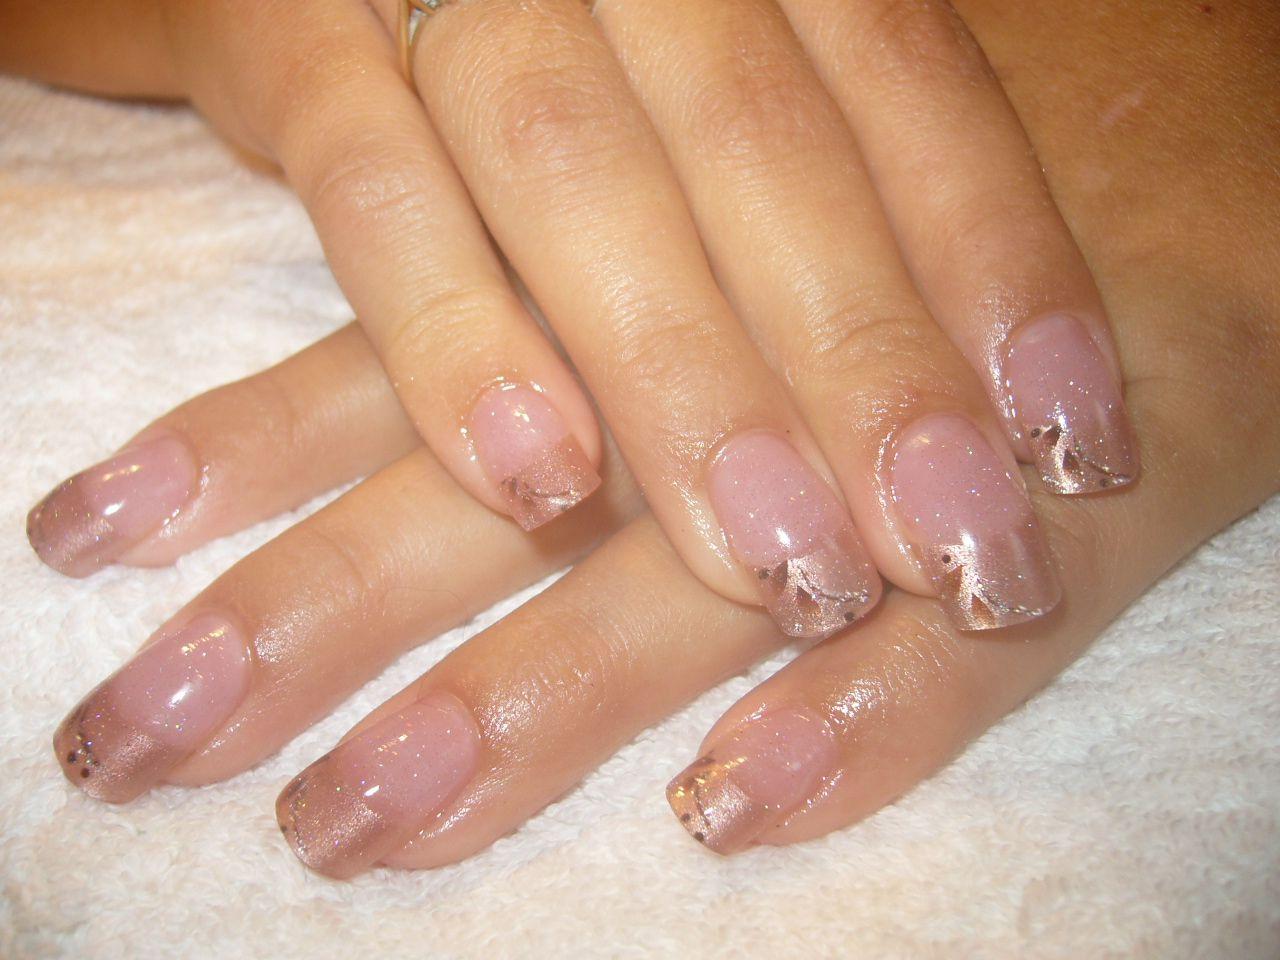 Nail Enhancement Zurich Http Www Shantybeauty Com Category Nail Enhancement Nagel Bar In Zurich Zurich